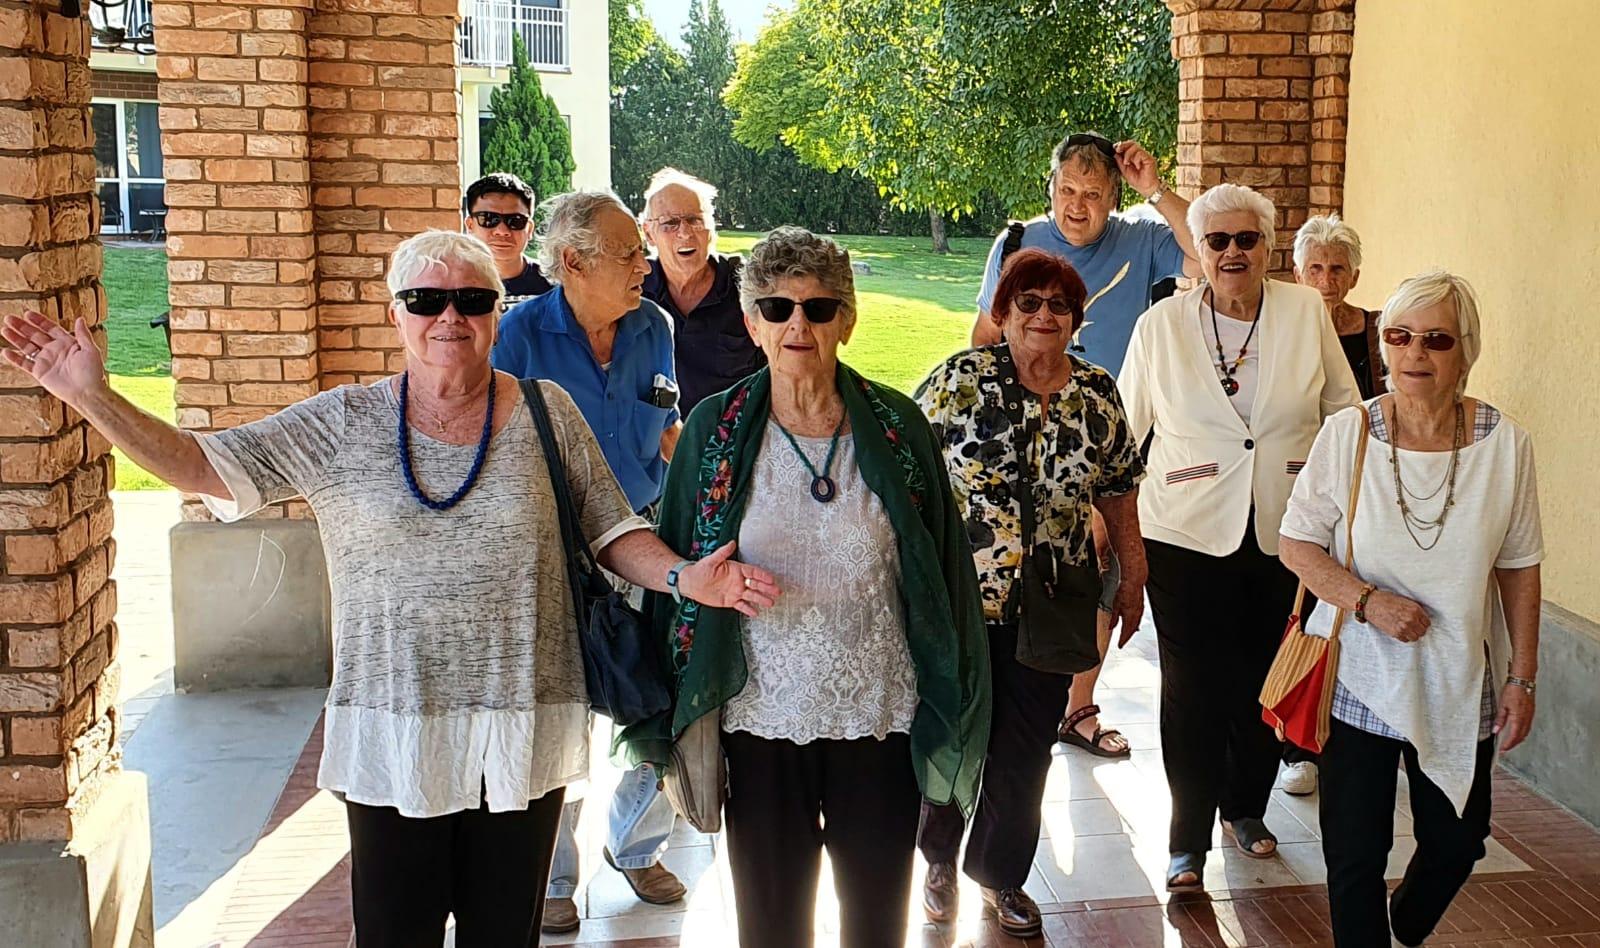 עמותת ותיקי הגליל חוגגים סיום שנת פעילות במלון פסטורל